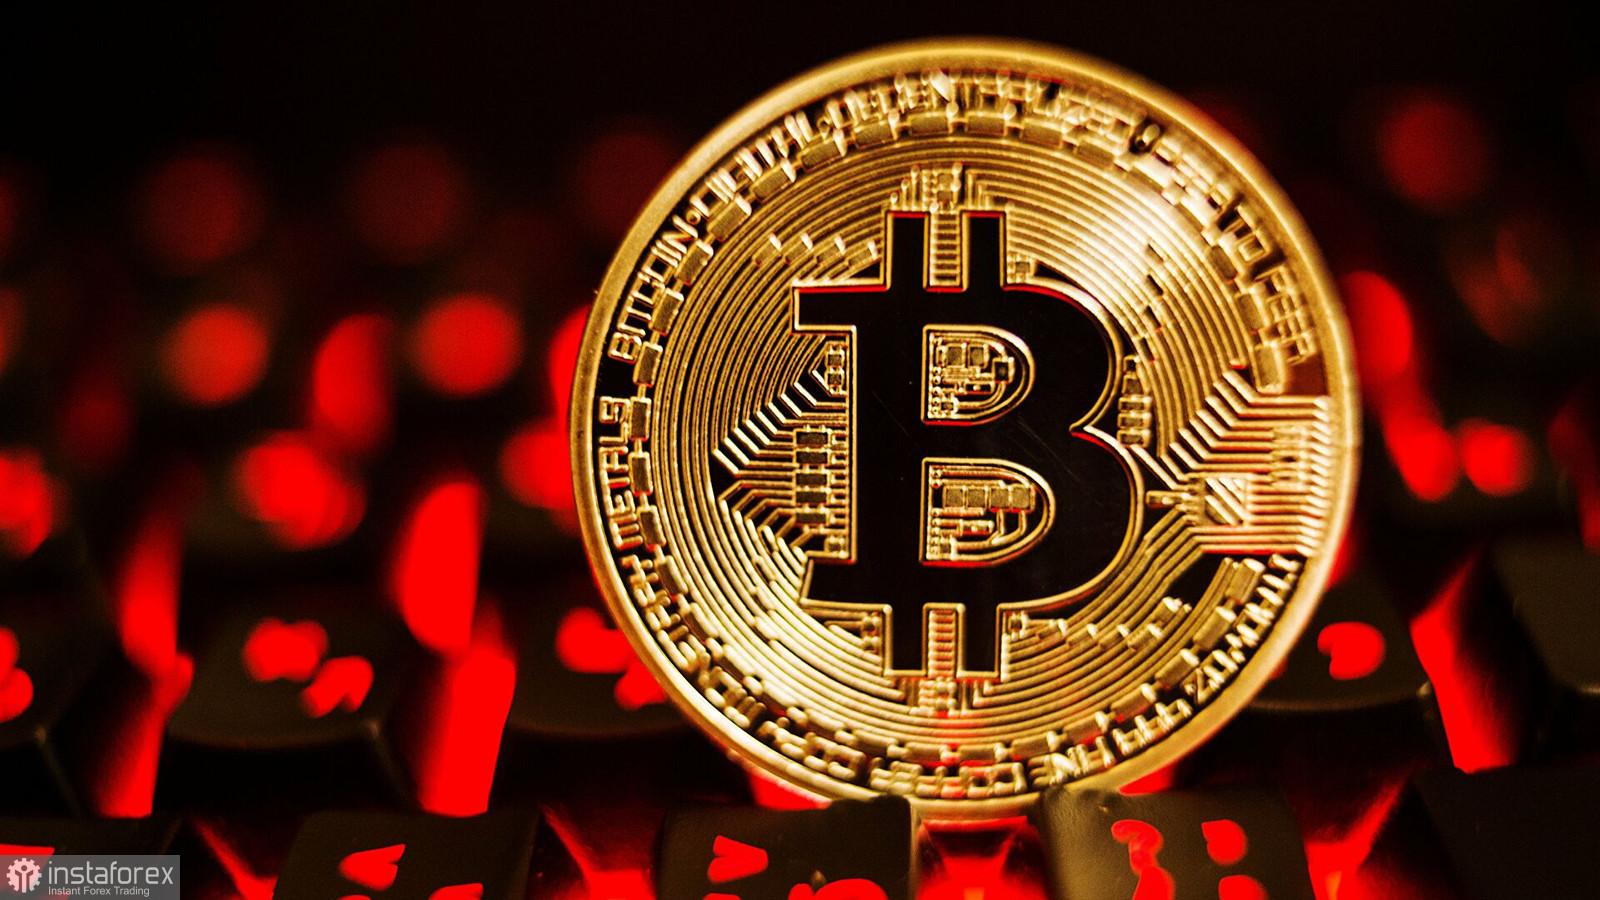 o nouă criptomonedă ico care a început să se tranzacționeze astăzi crypto investment (fx) avis fx